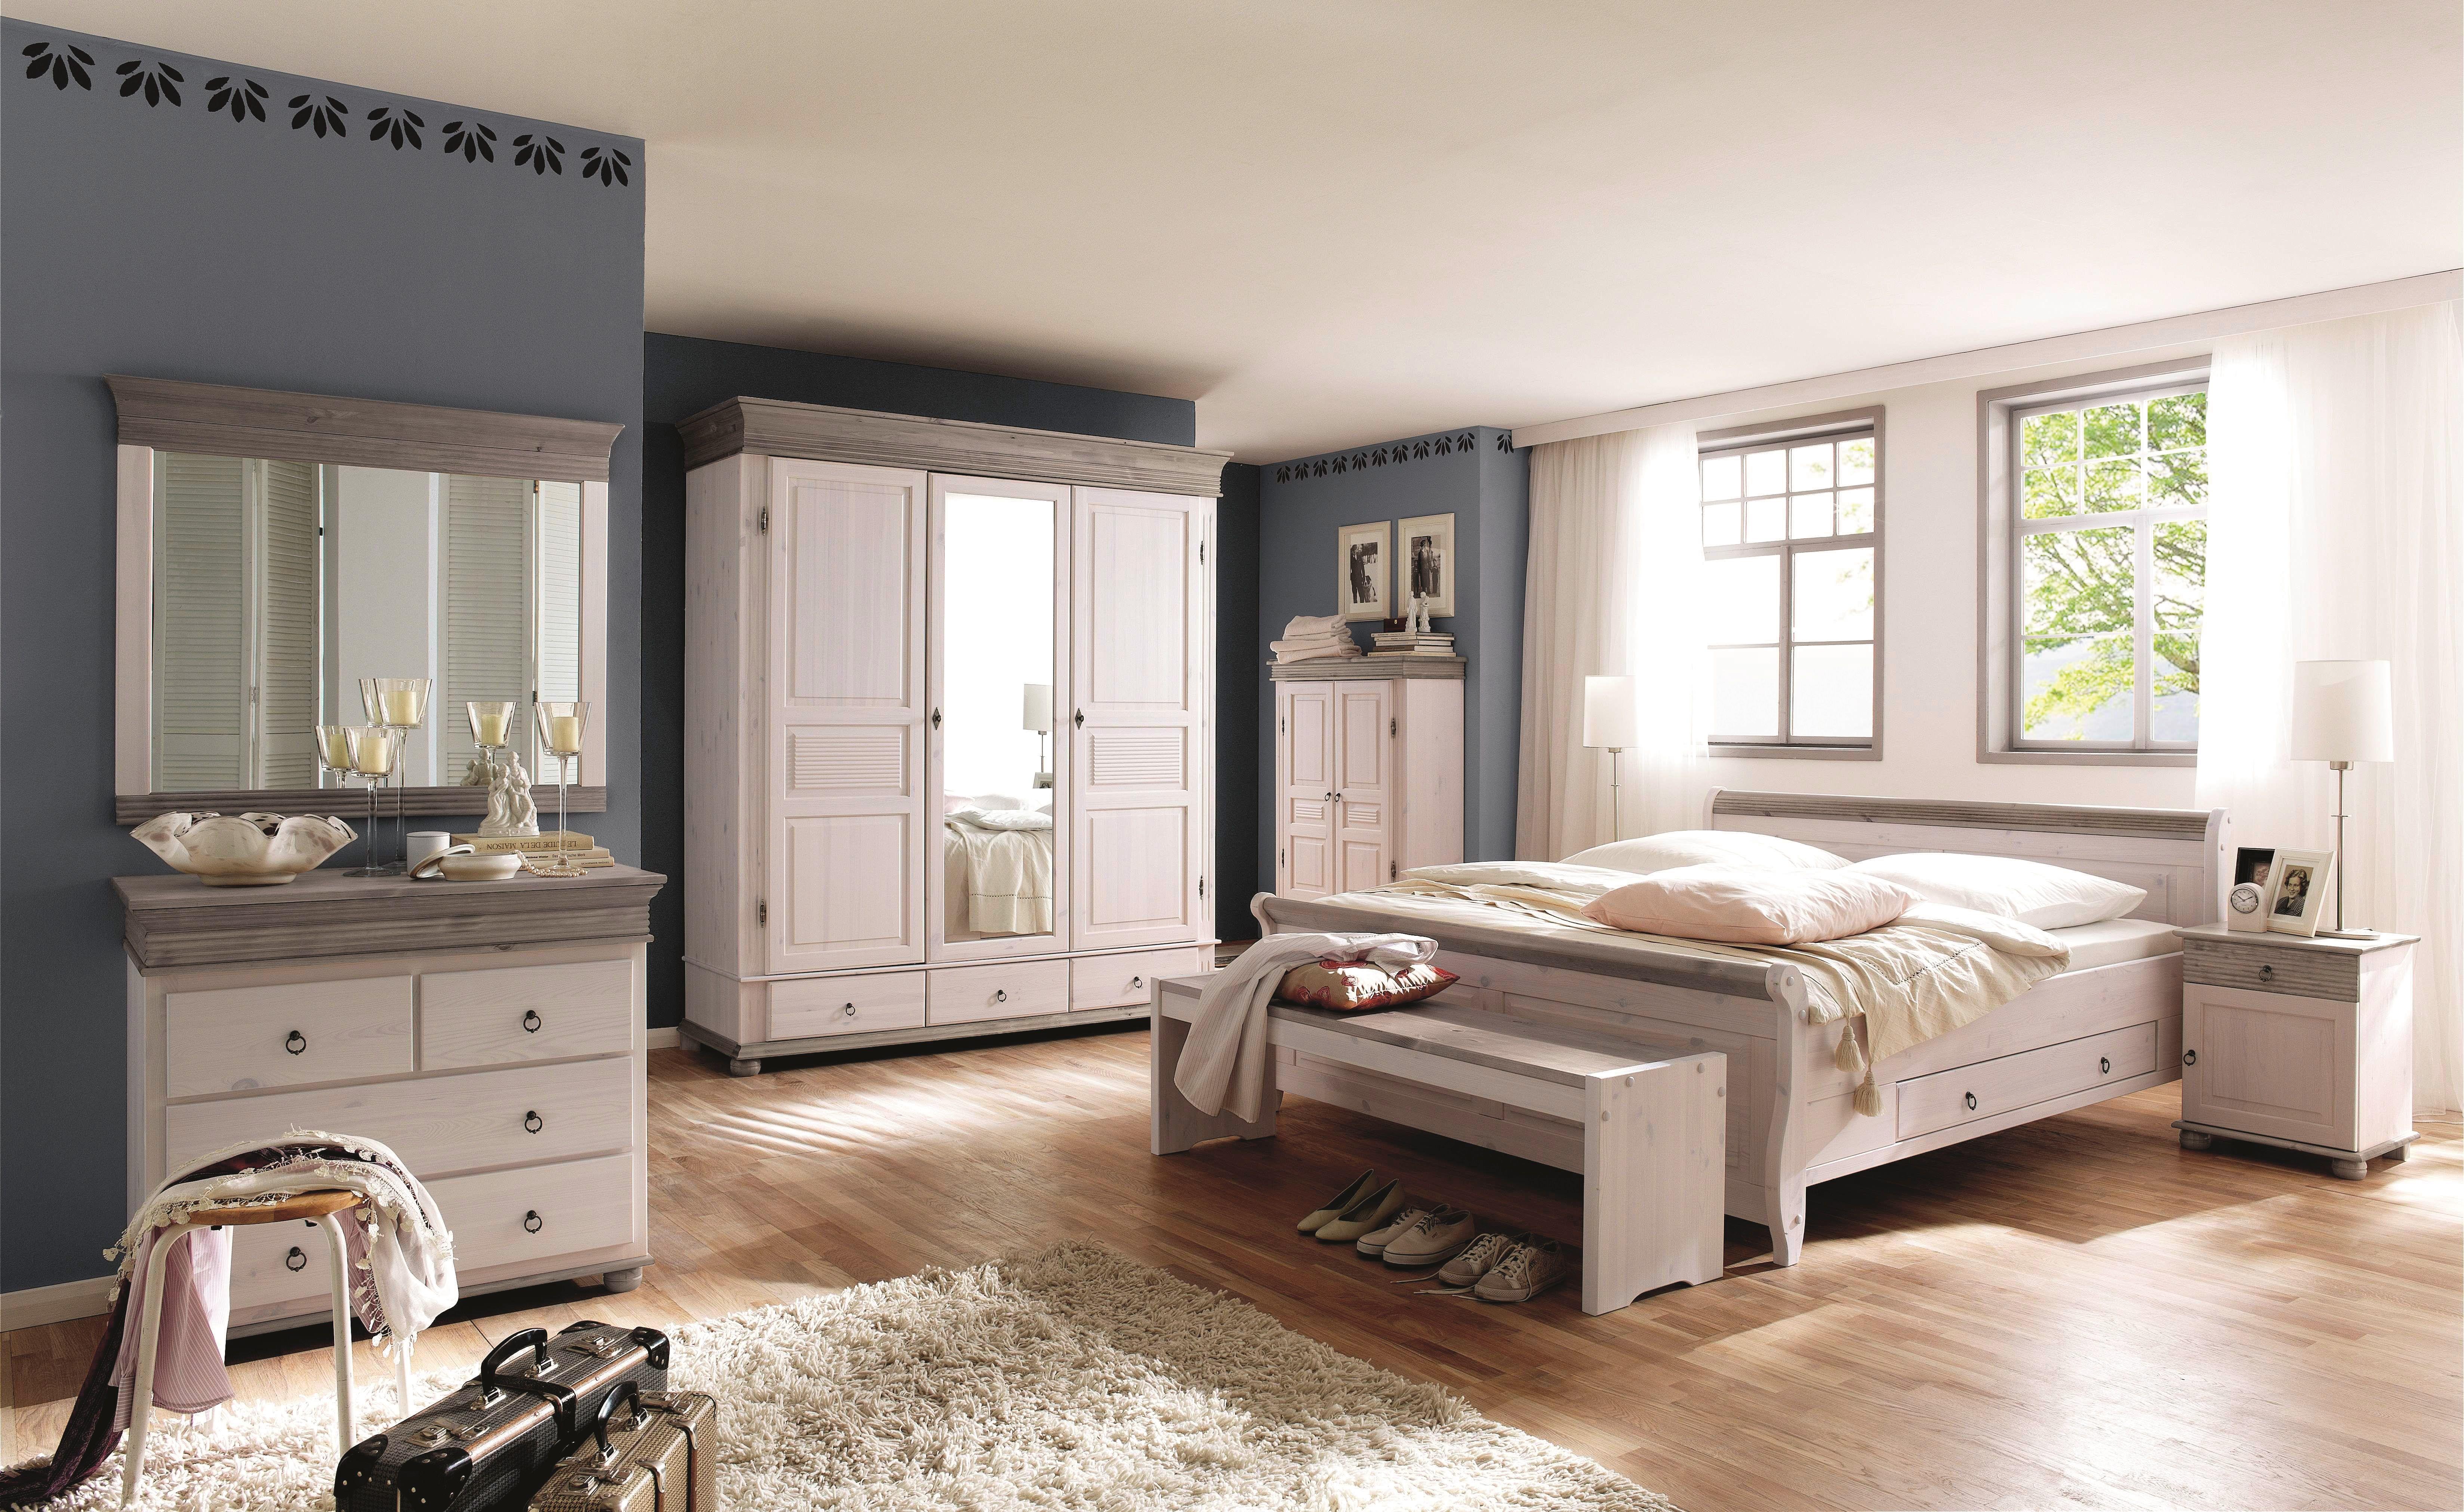 Romantisches Schlafzimmer im Landhausstil Kiefer massiv